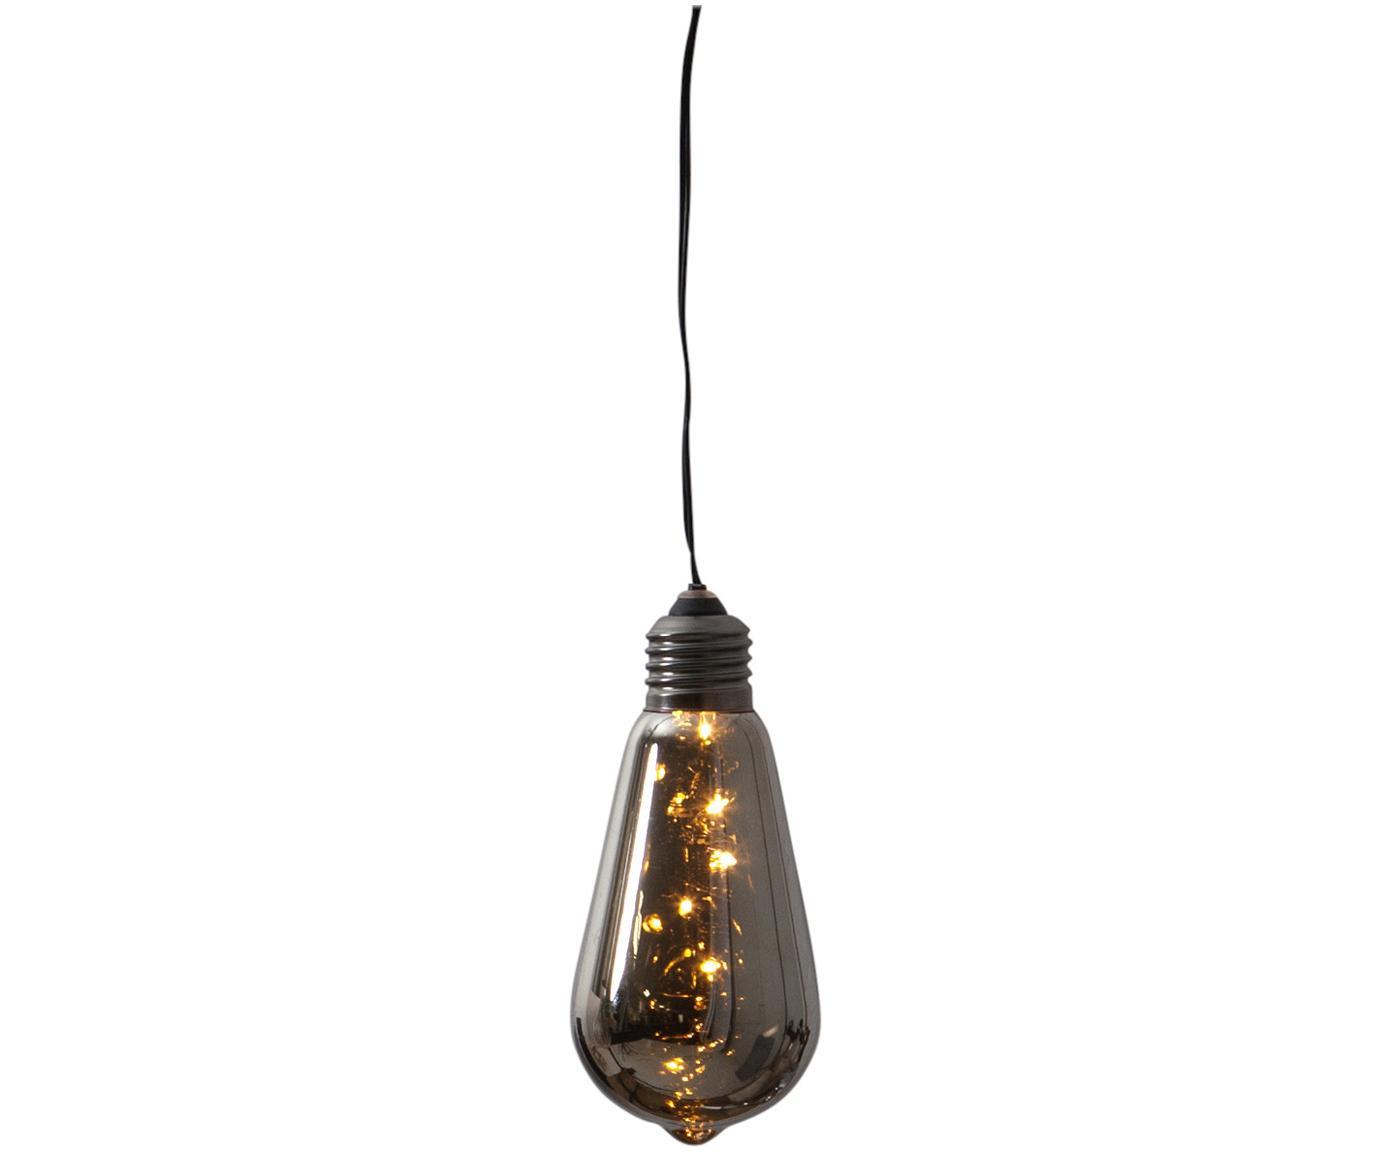 Decoratieve lamp Glow, Lampenkap: getint glas, Fitting: gecoat metaal, Zwart, Ø 6 x H 13 cm